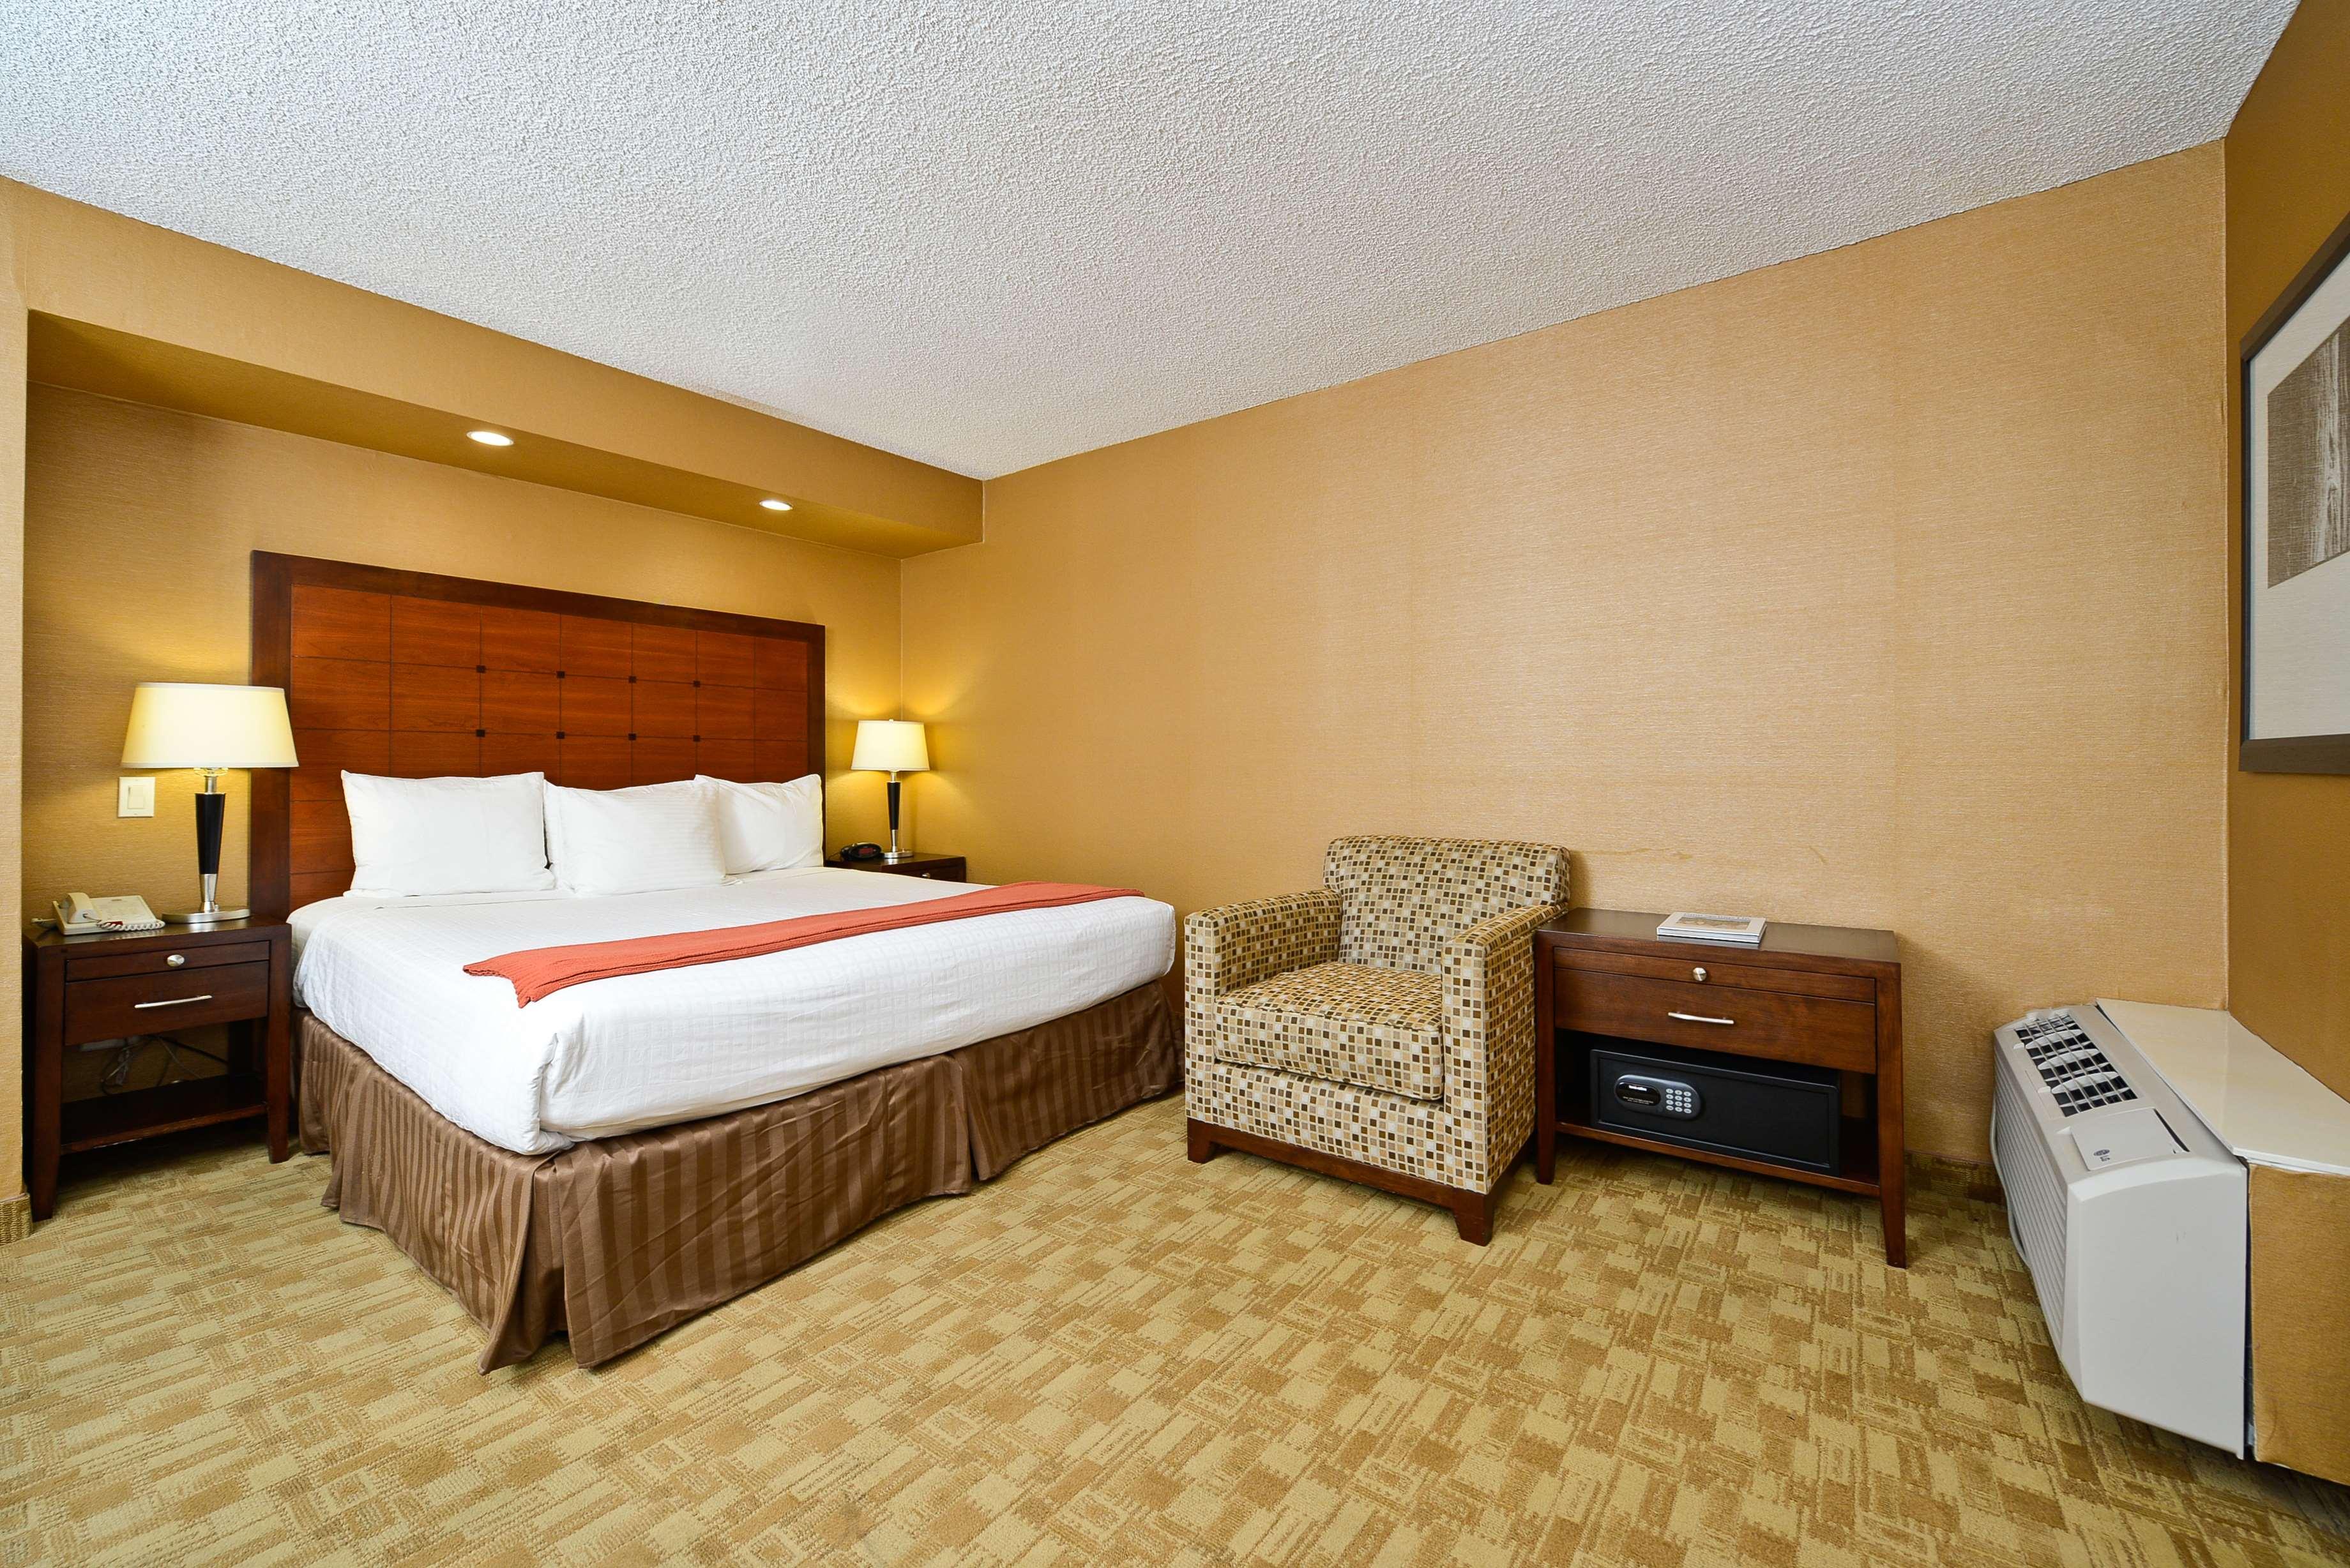 Best Western Inn at Palm Springs image 18